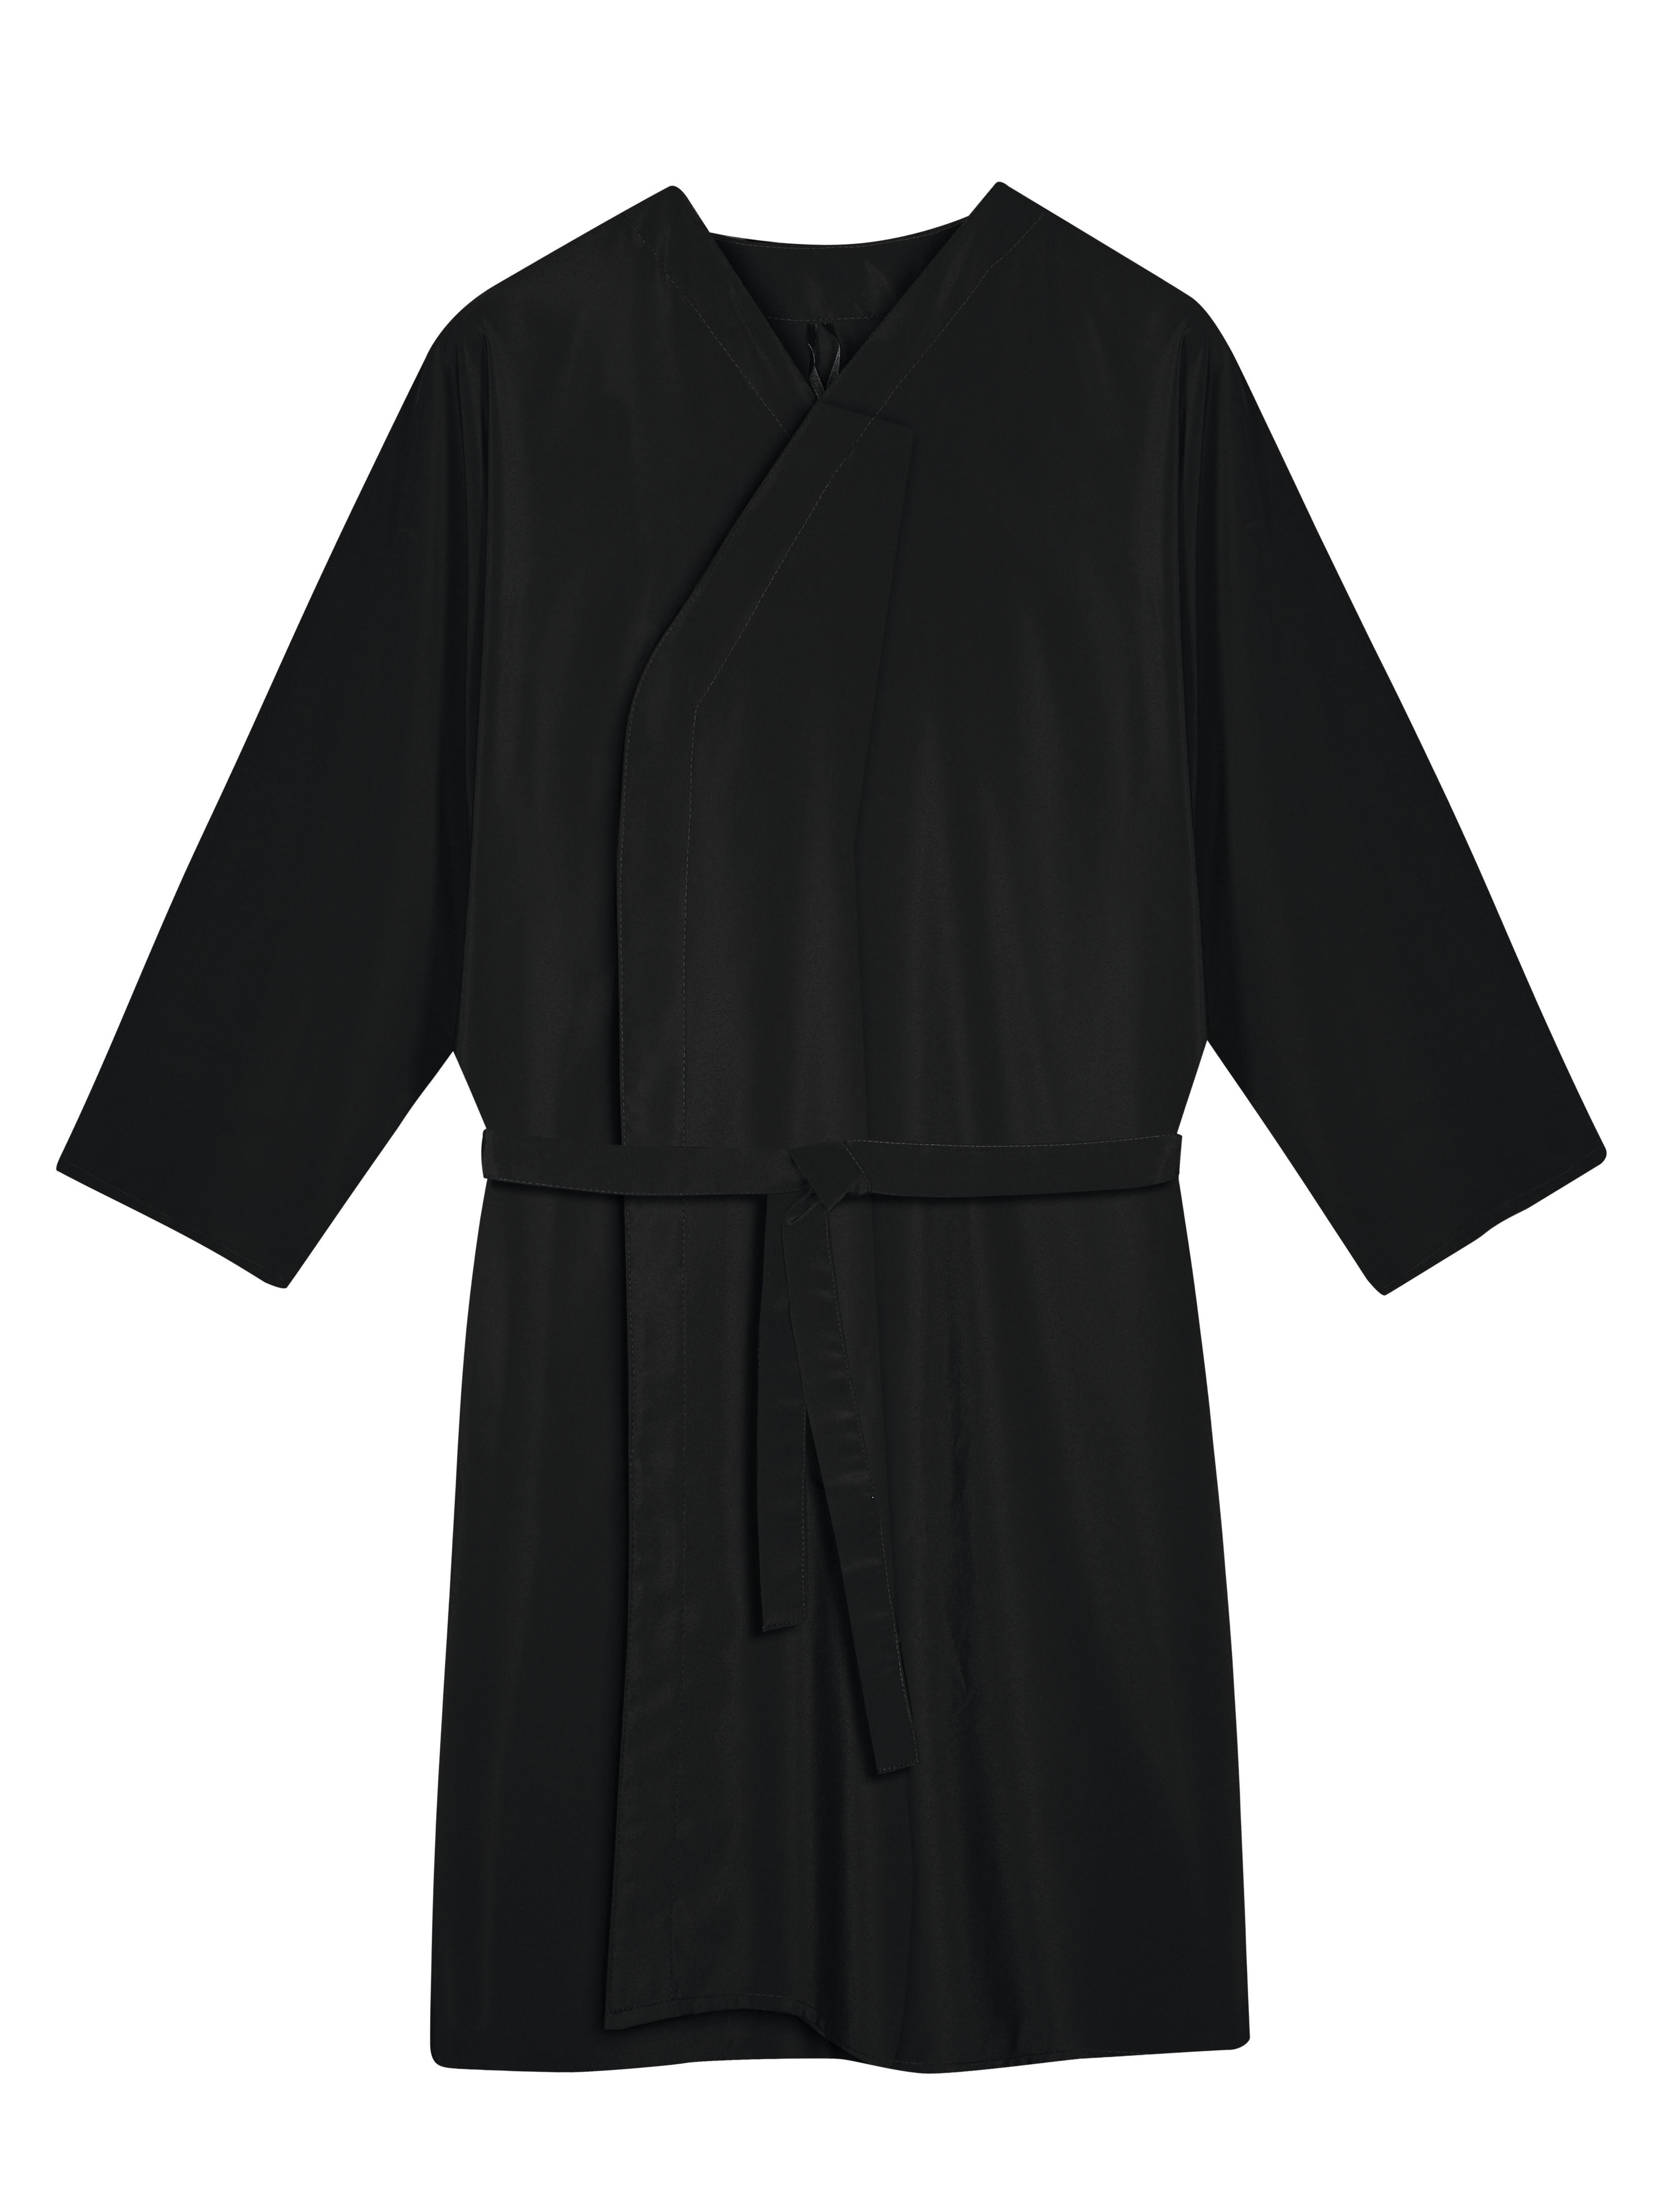 Kadeřnické kimono na barvení a stříhání Flexi Sibel - černé (598014202) +  DÁREK ZDARMA bdc20bfac5a